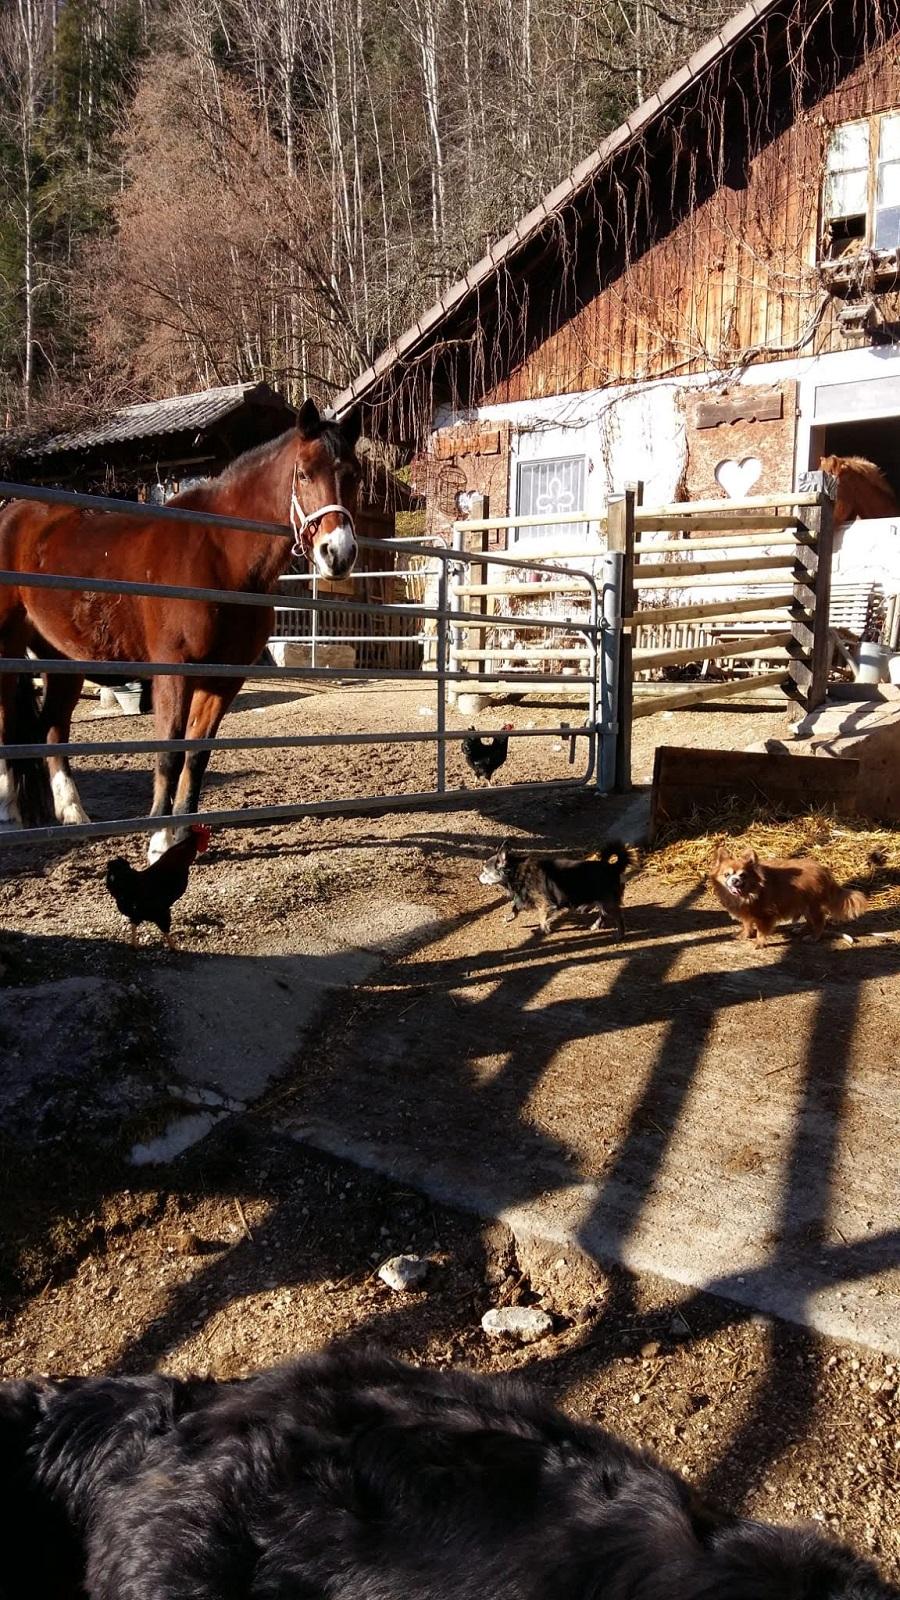 ELLIOT et CARAMEL - x chihuahua/papillon 9 et 11 ans - Asso Animale Attitude 63 - adoptés par Françoise, filleuls de frimousse Img-2012